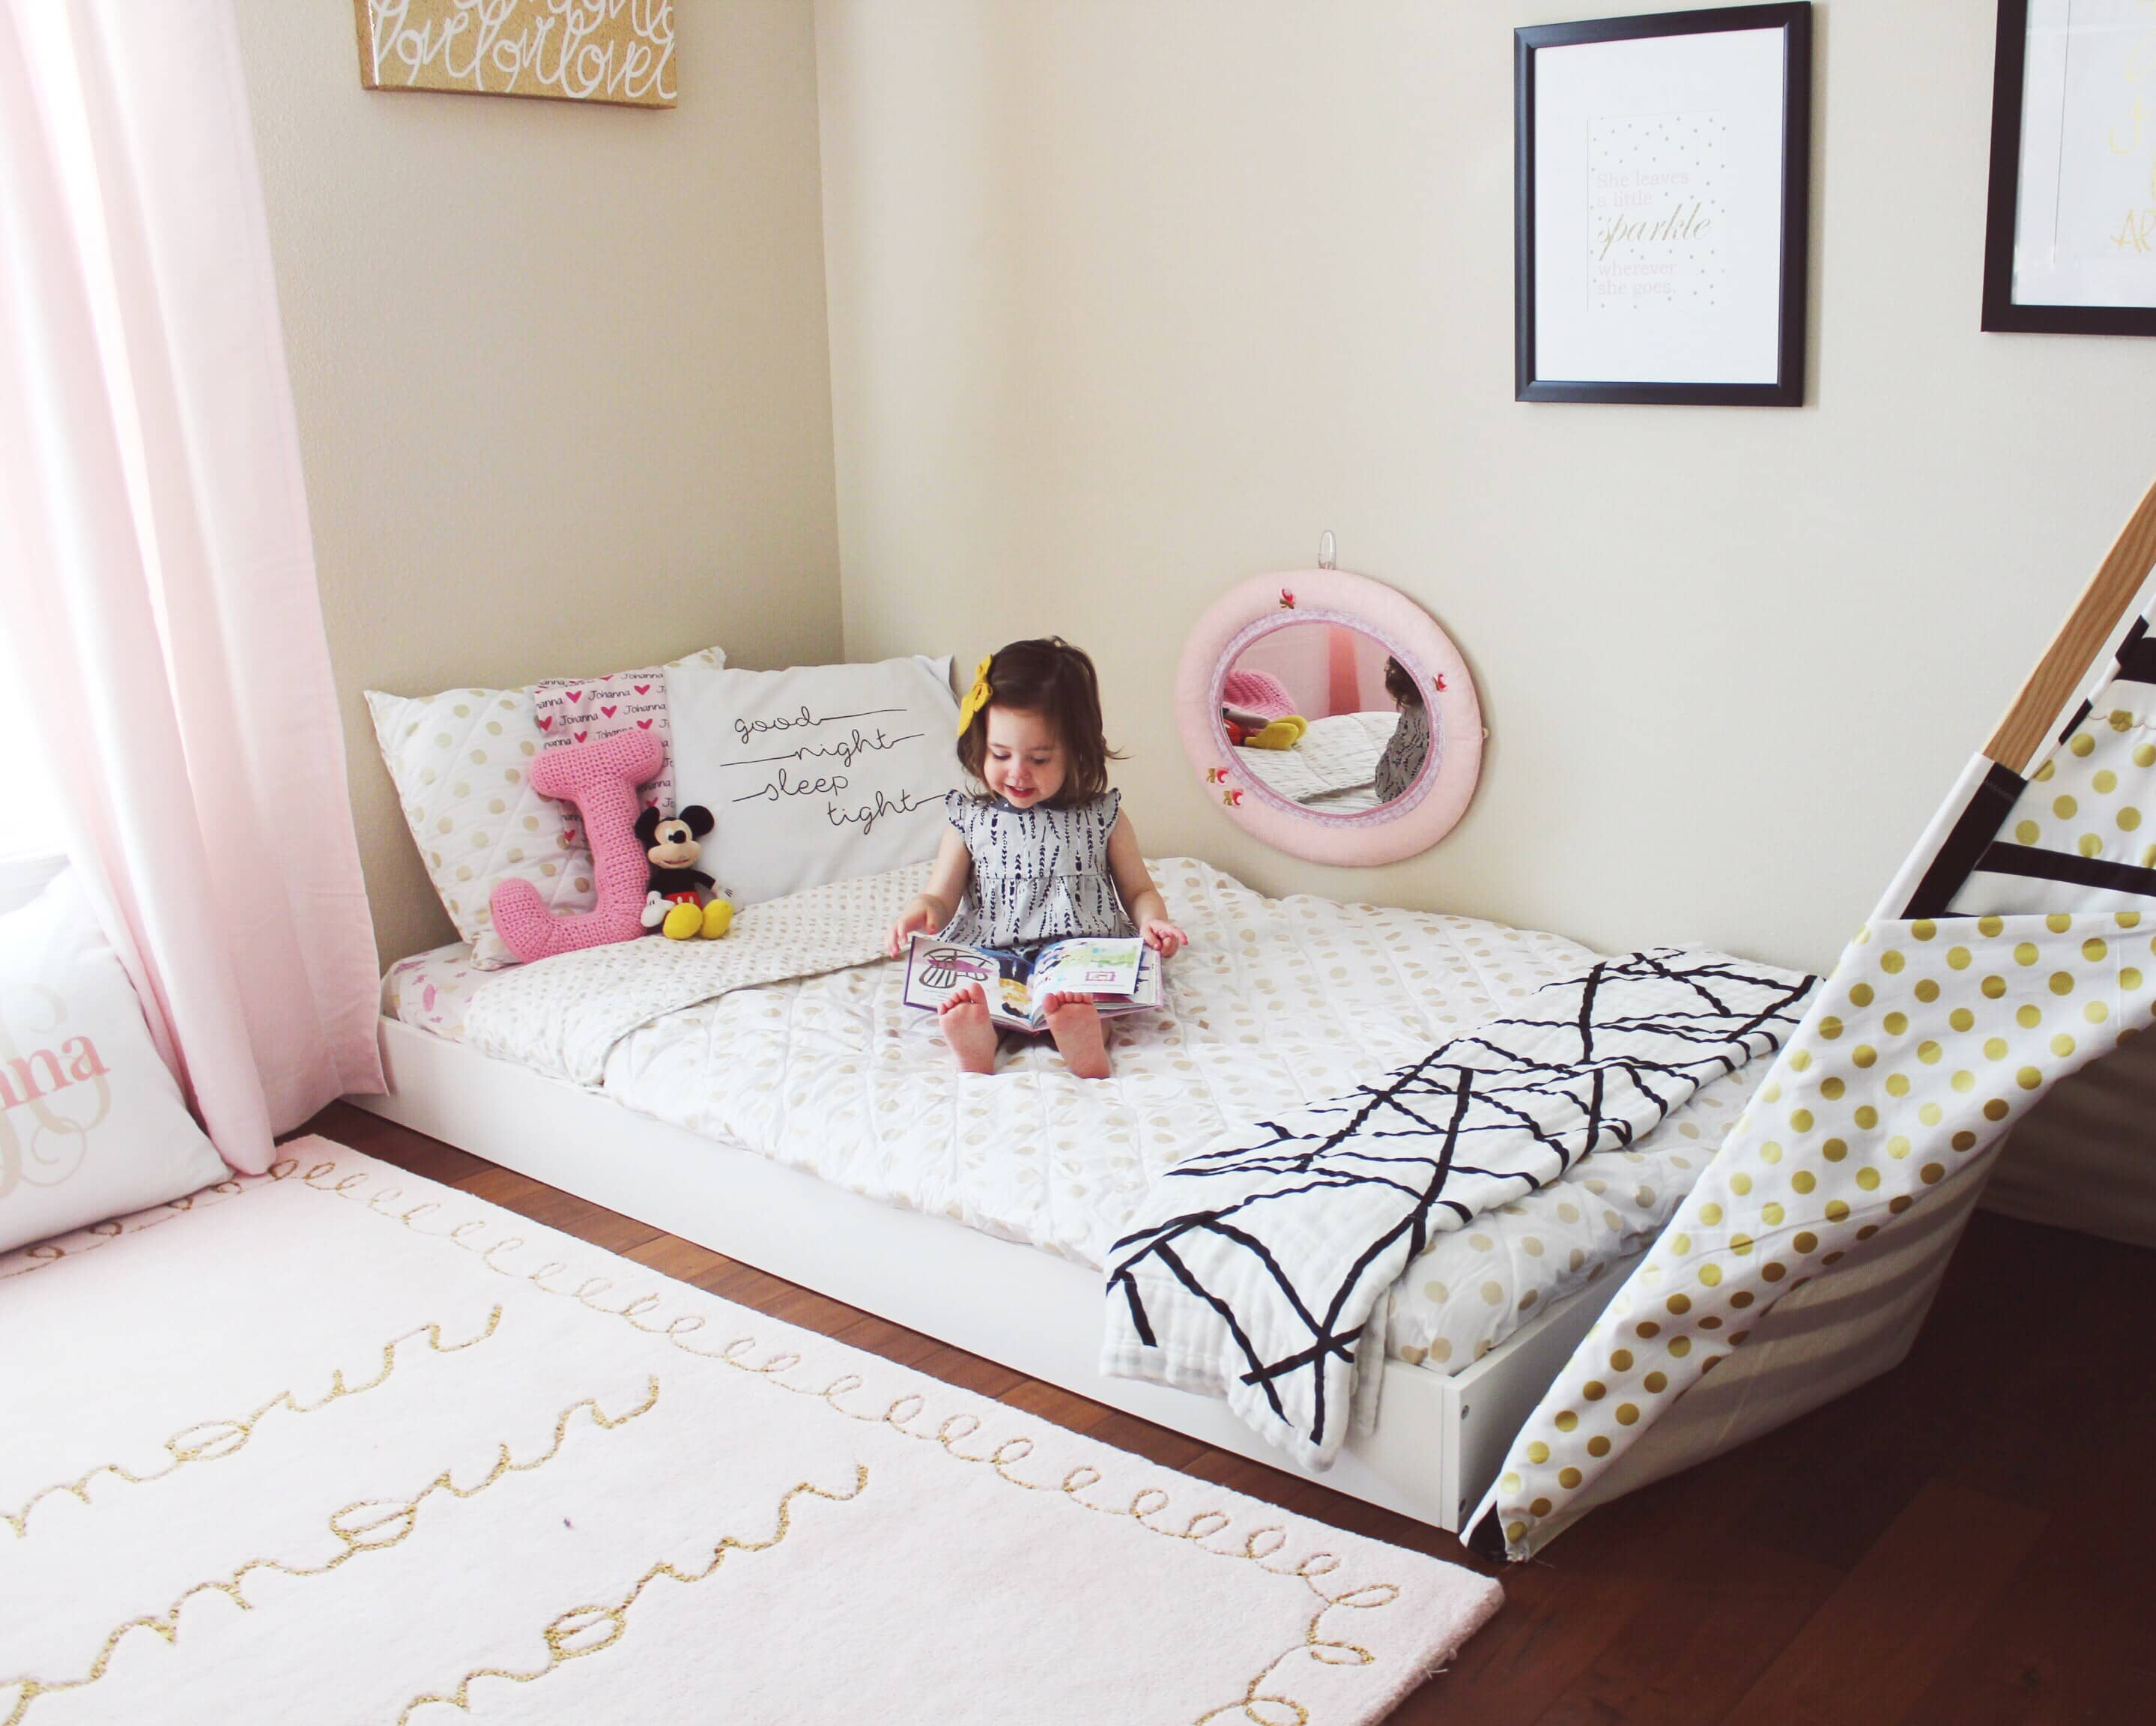 las camas montessori se colocan a ras de suelo, son seguras y accesibles